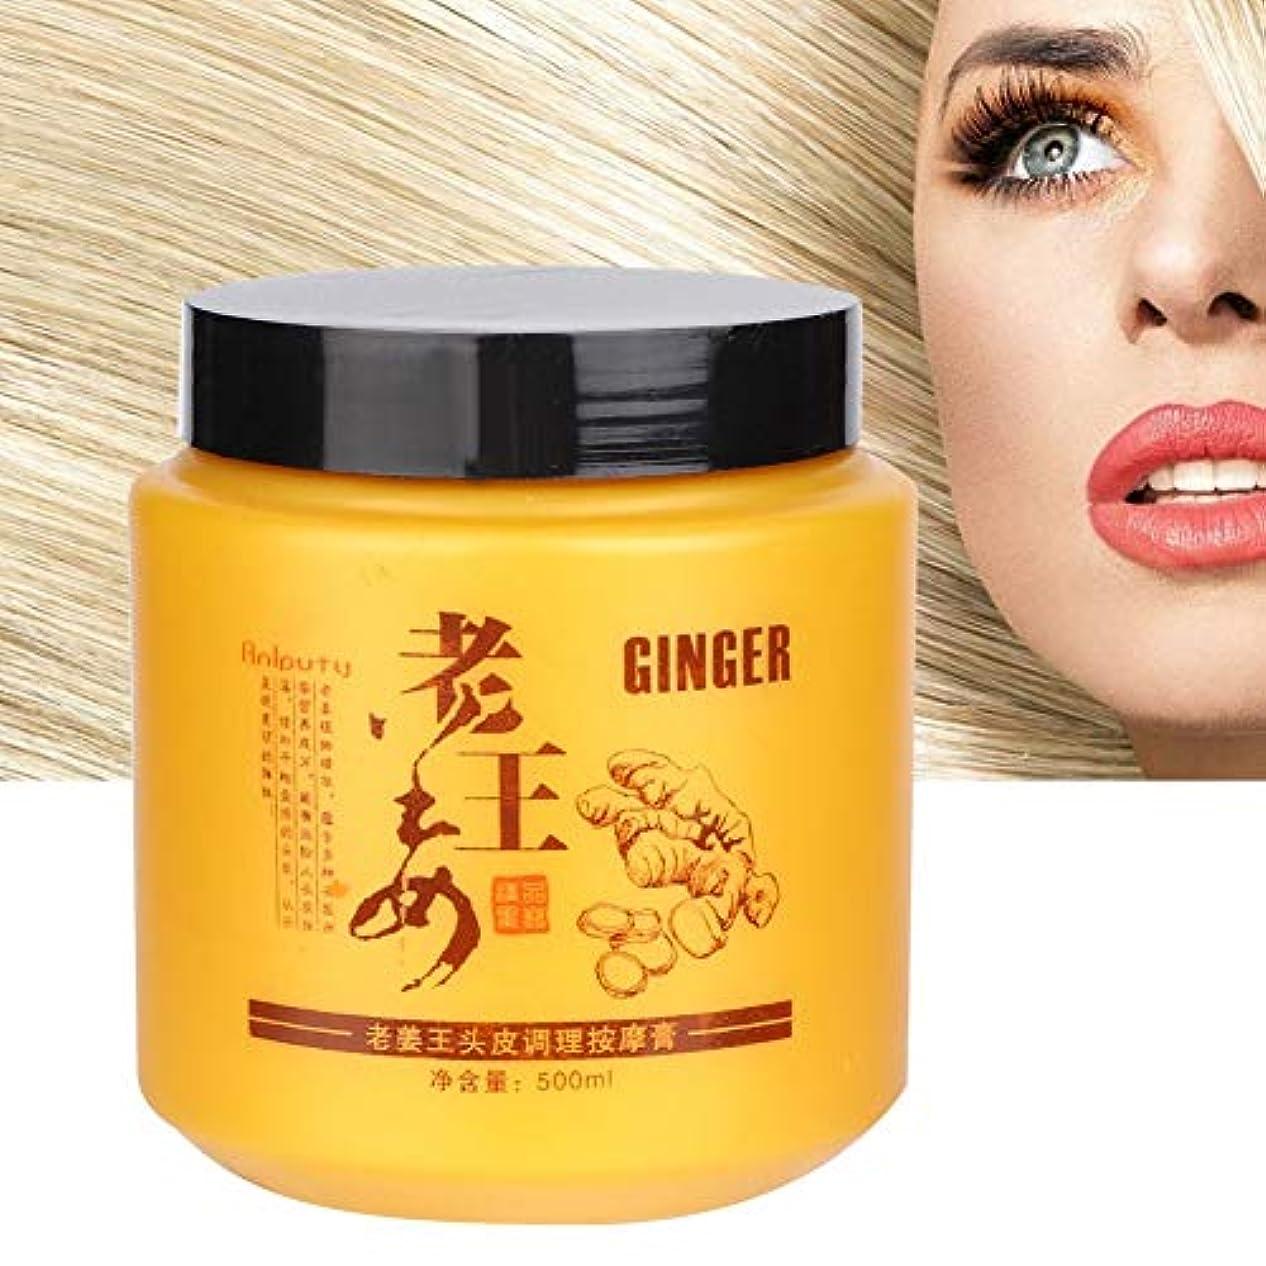 ボーナス克服する成長するヘアマスク、保湿強化粘り強く修復ダメージを受けたヘアマスク用女性頭皮コンディショニングマッサージクリーム500ミリリットル